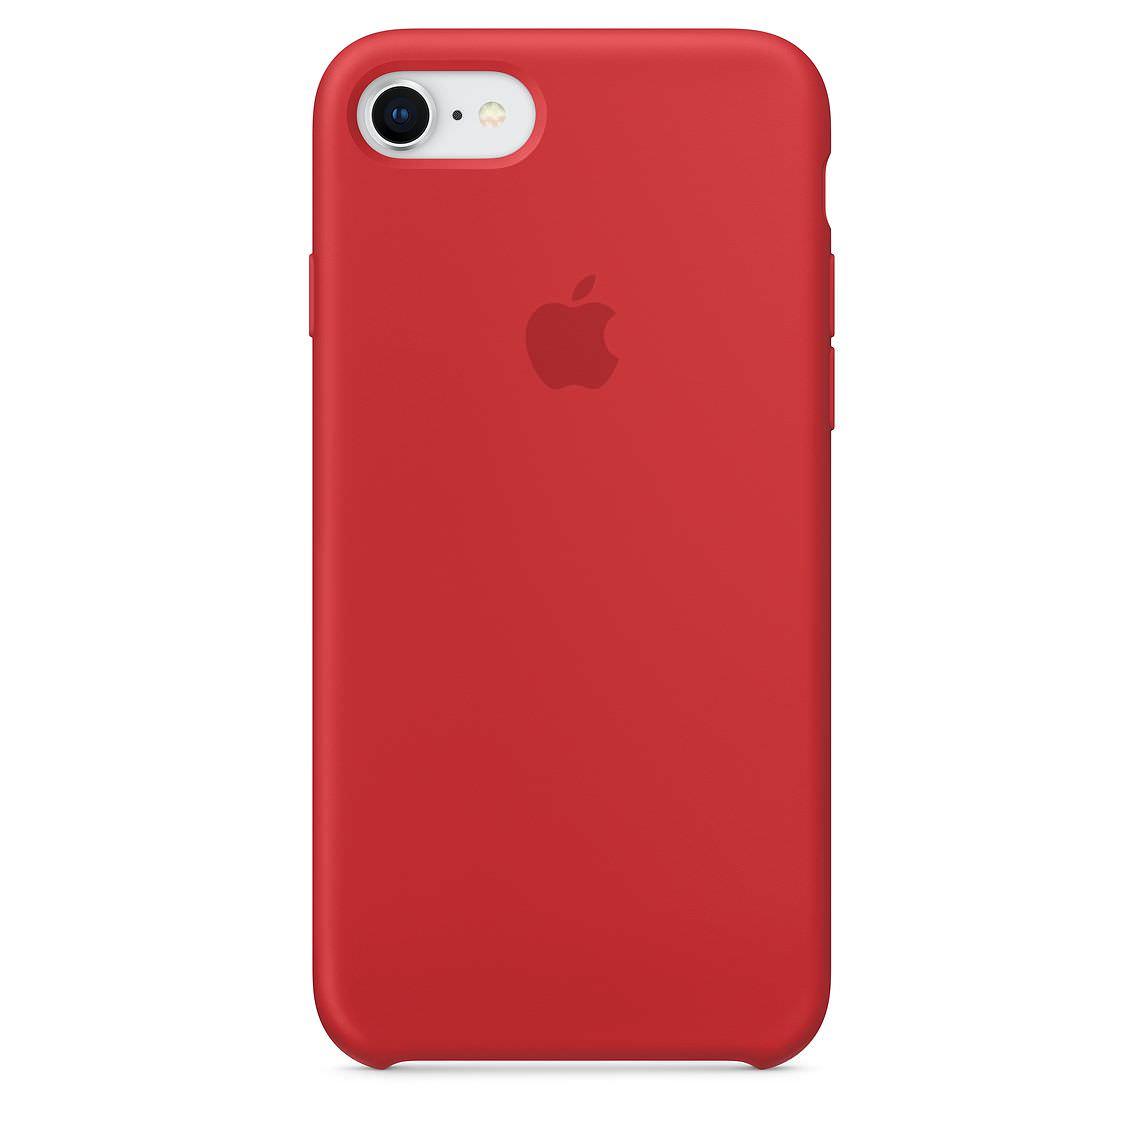 Apple silikónový obal pre iPhone 7 / 8 - červený 1